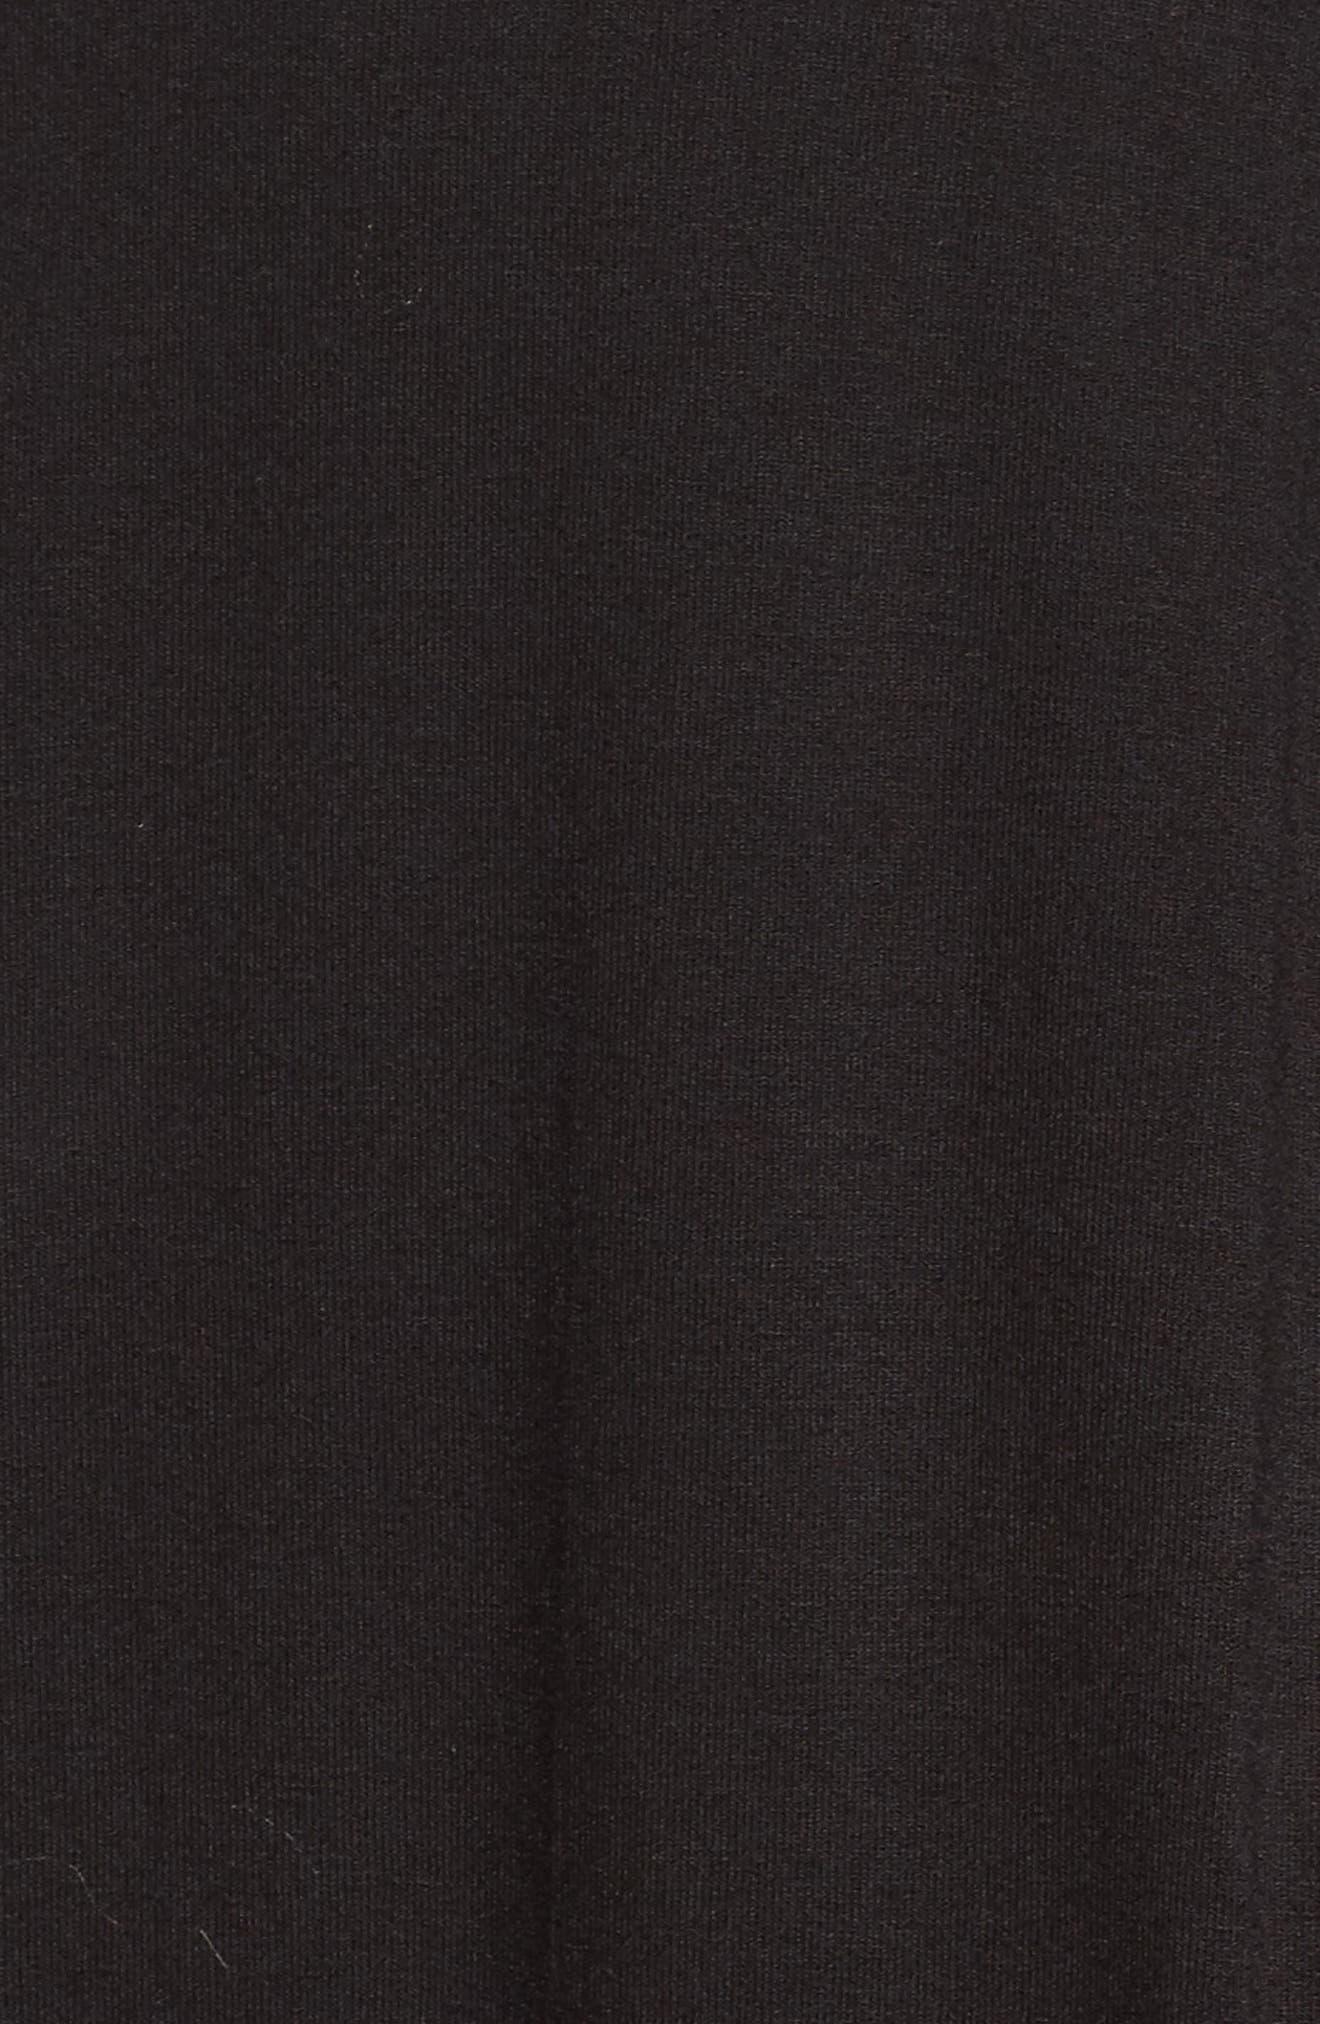 Lace Trim V-Neck Top,                             Alternate thumbnail 5, color,                             002